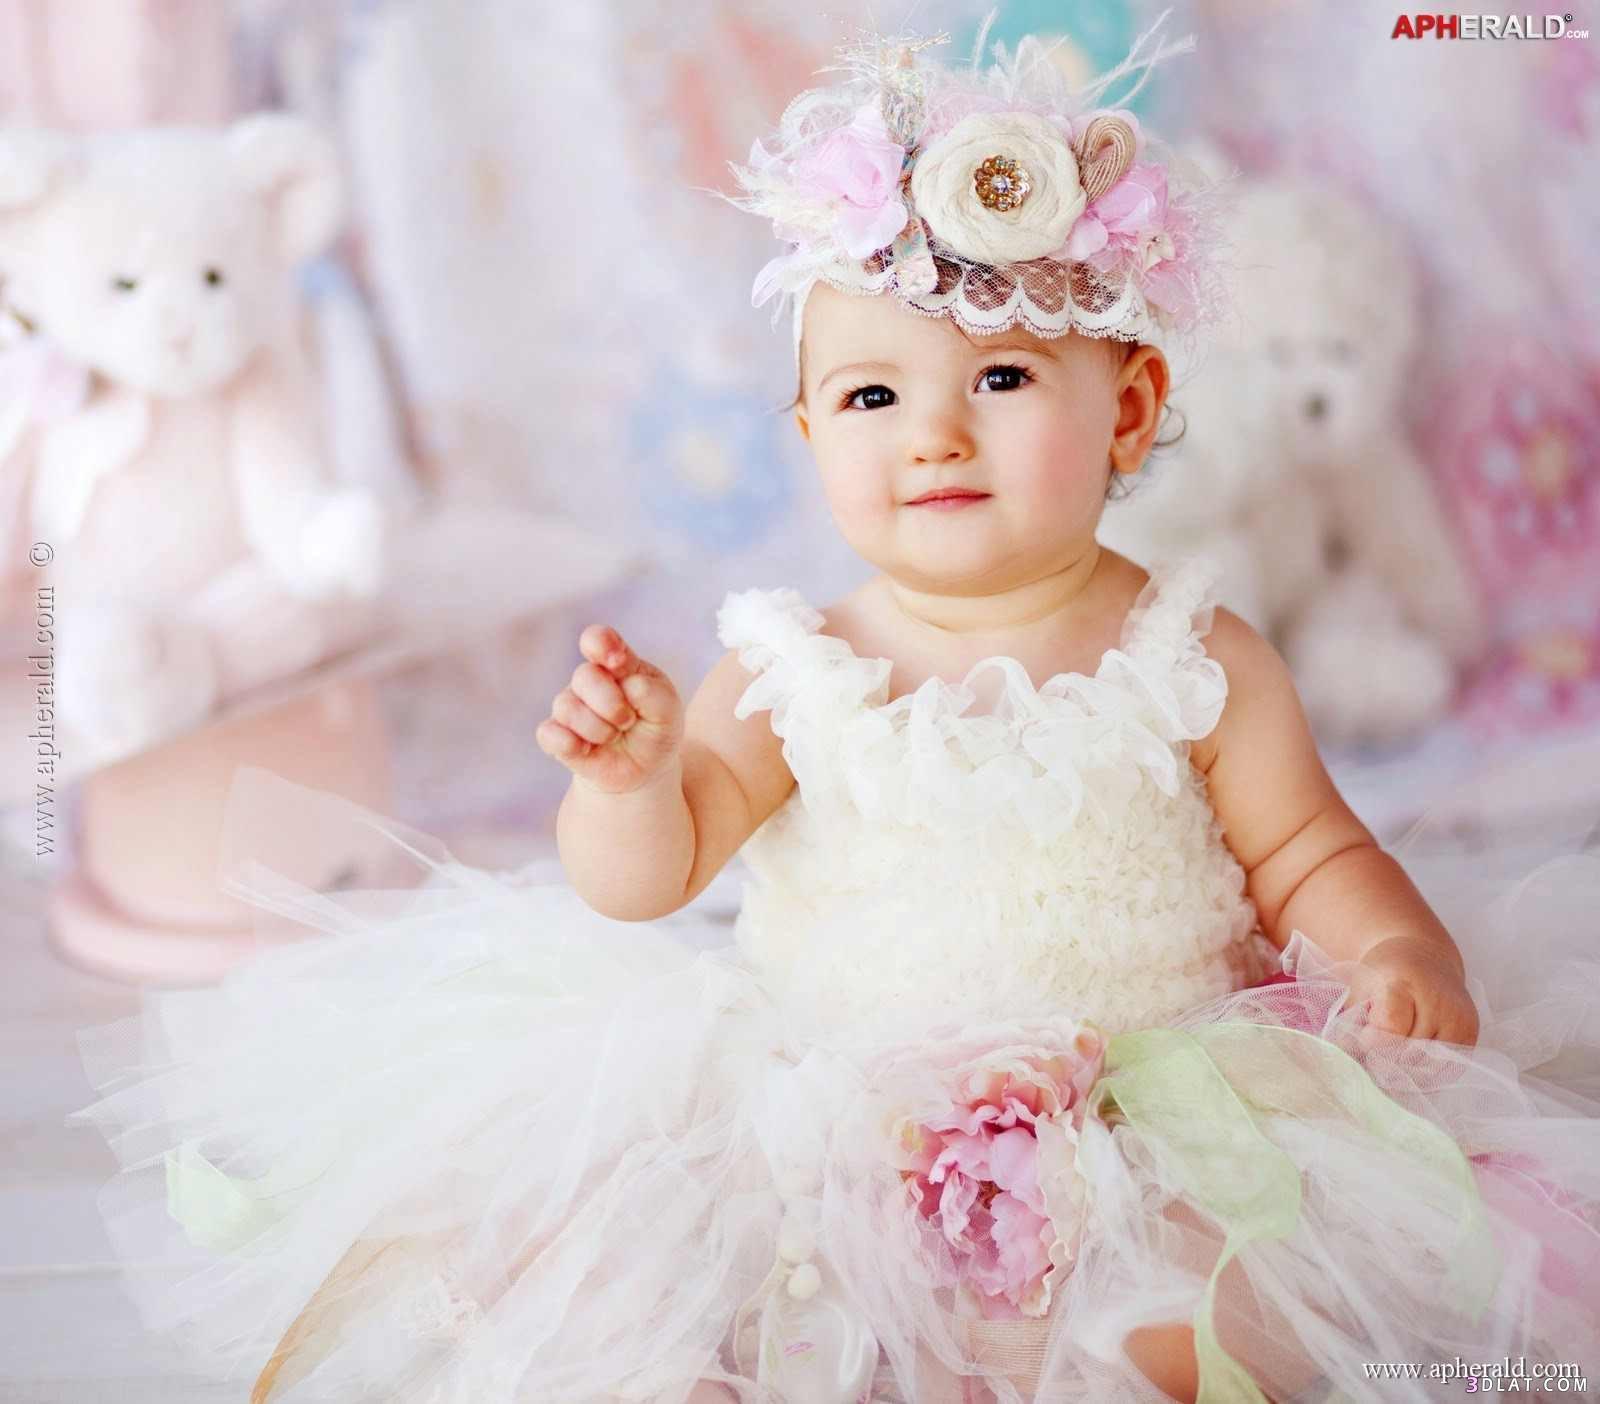 صور أطفال جميلة 2020 اجمل صور الاطفال صور بيبى جميلة ولاد وبنات صغار 19